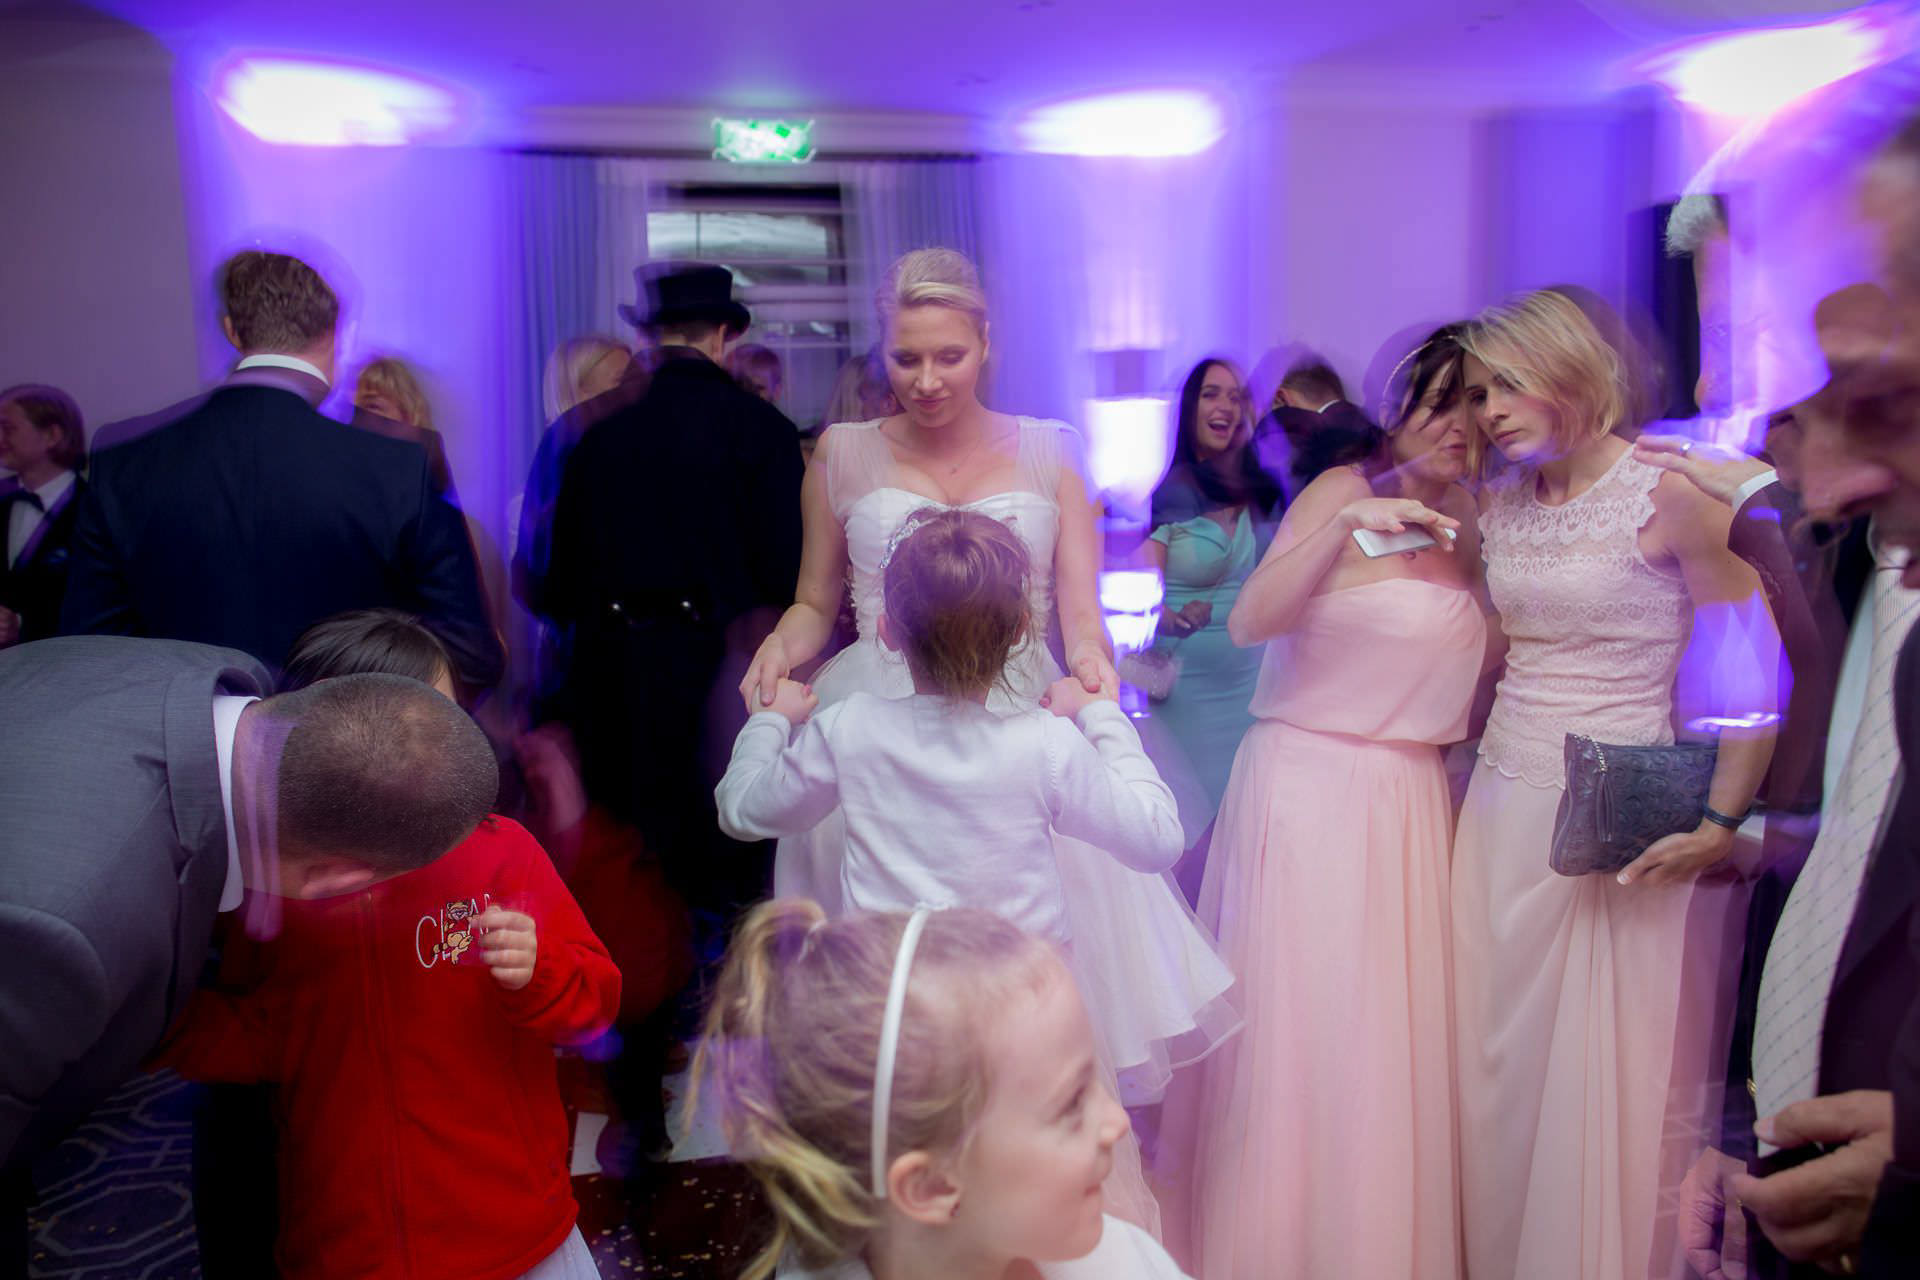 Wotton House wedding party